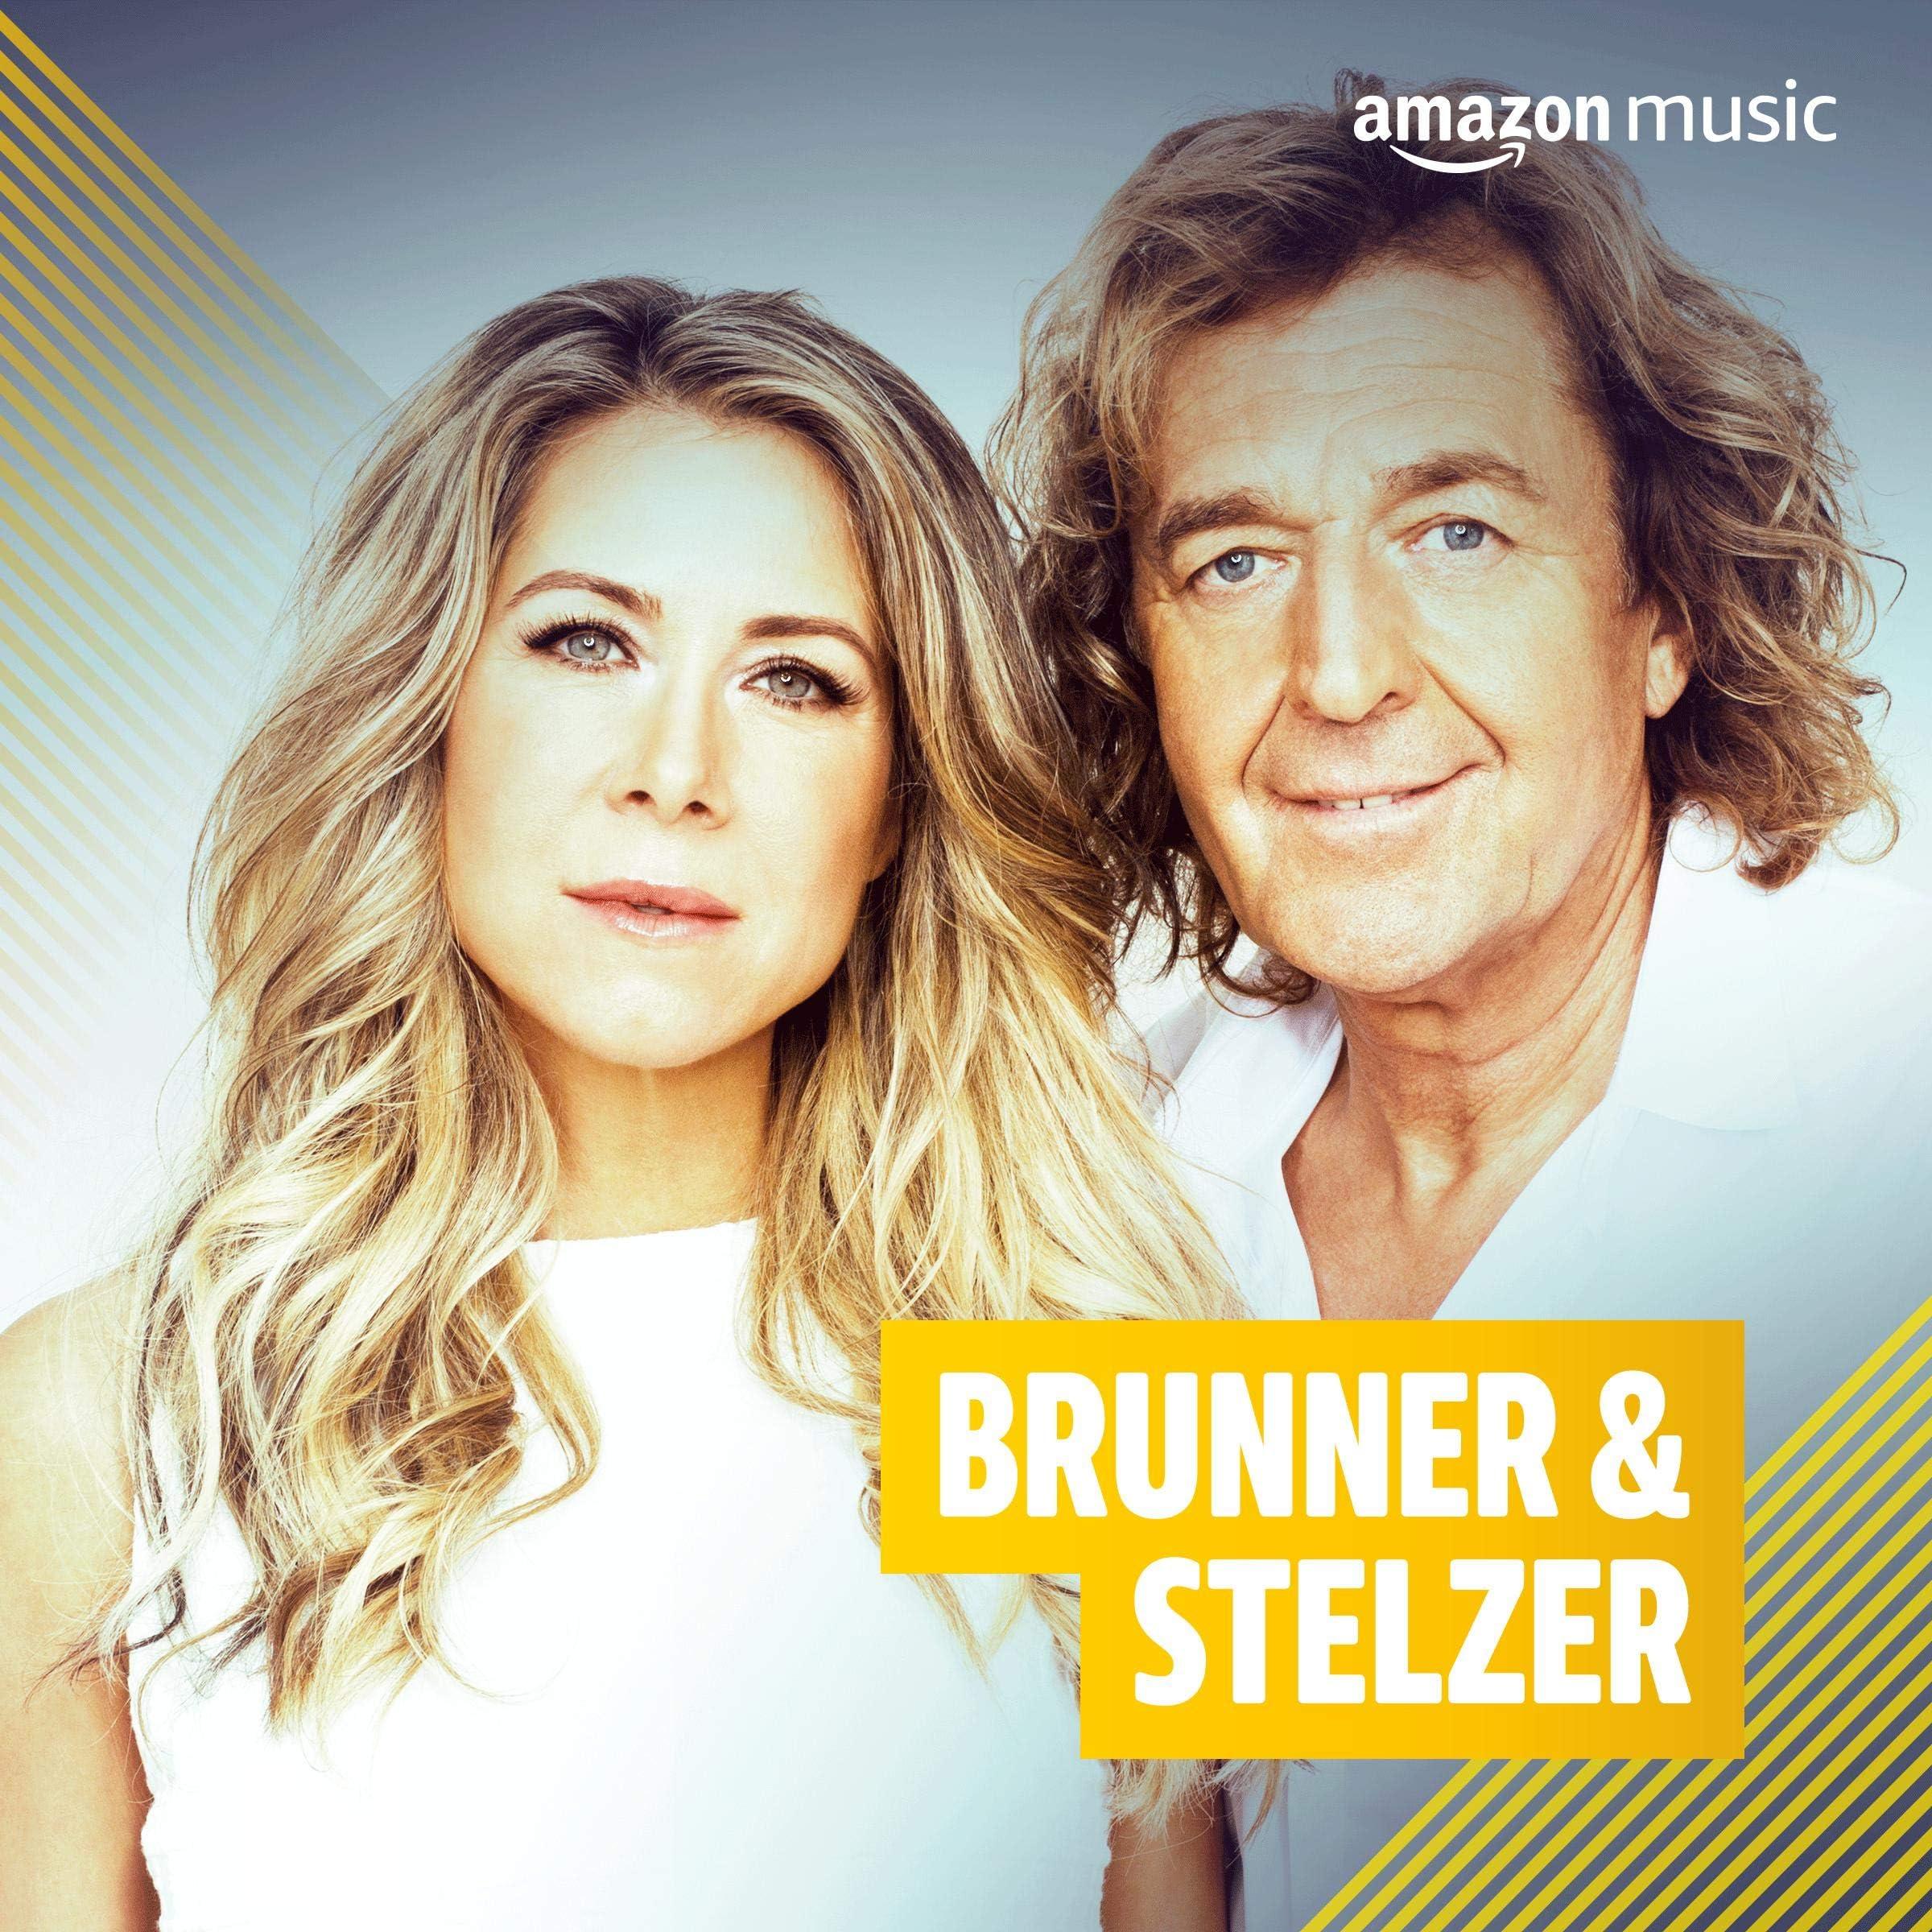 Brunner & Stelzer